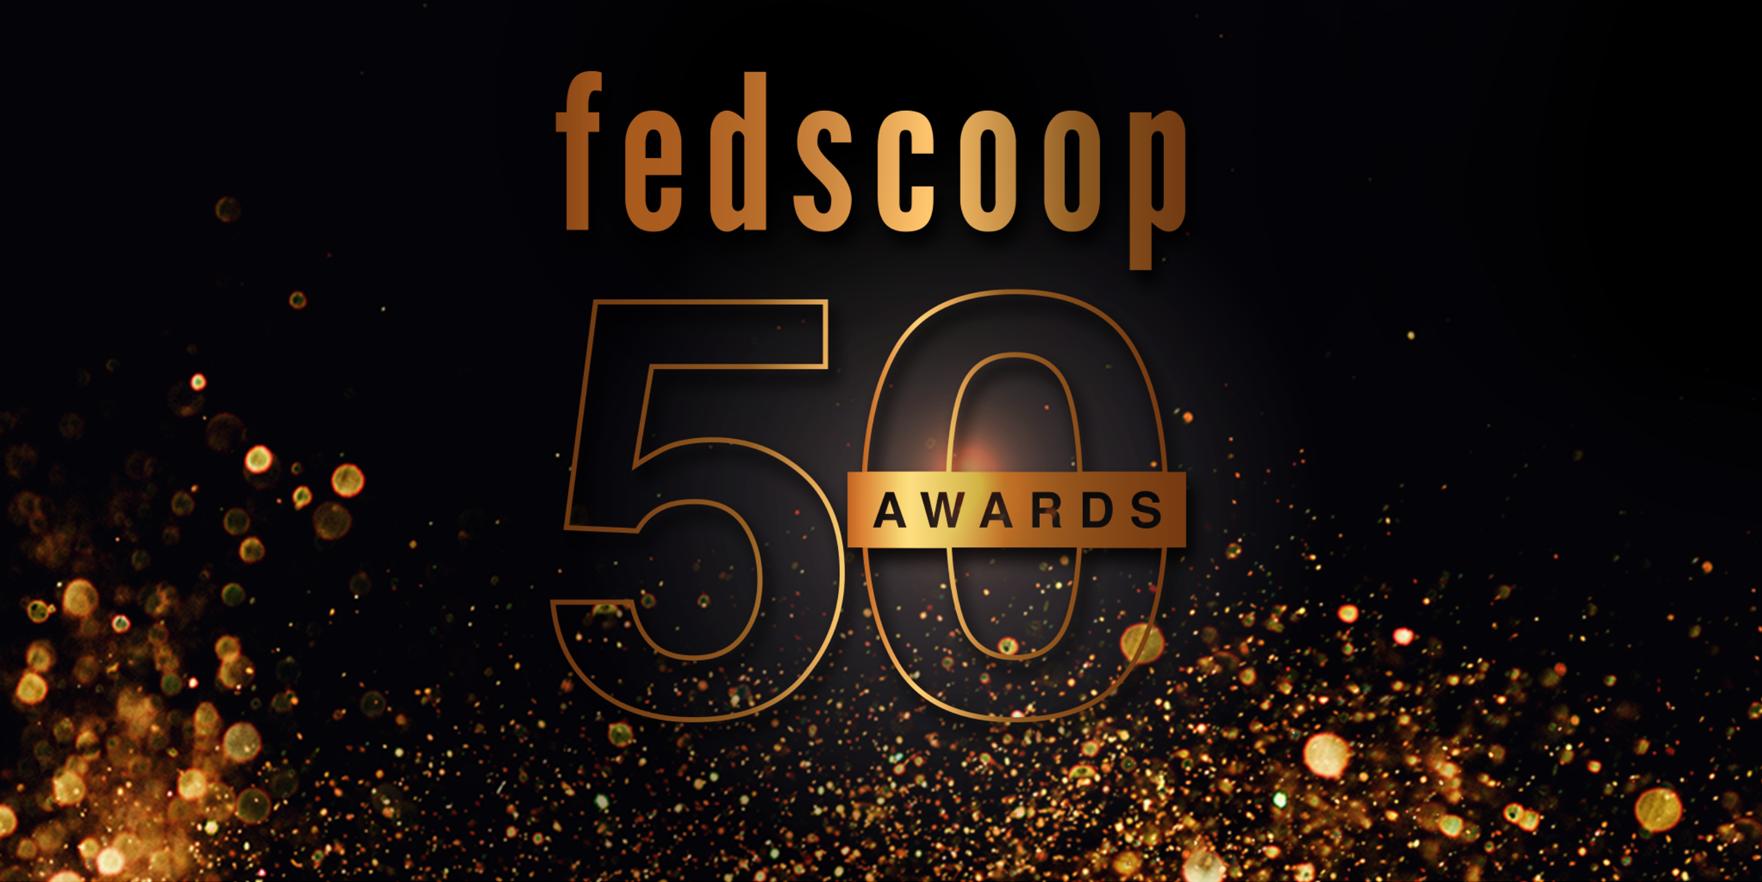 Fedscoop 50 Nominee